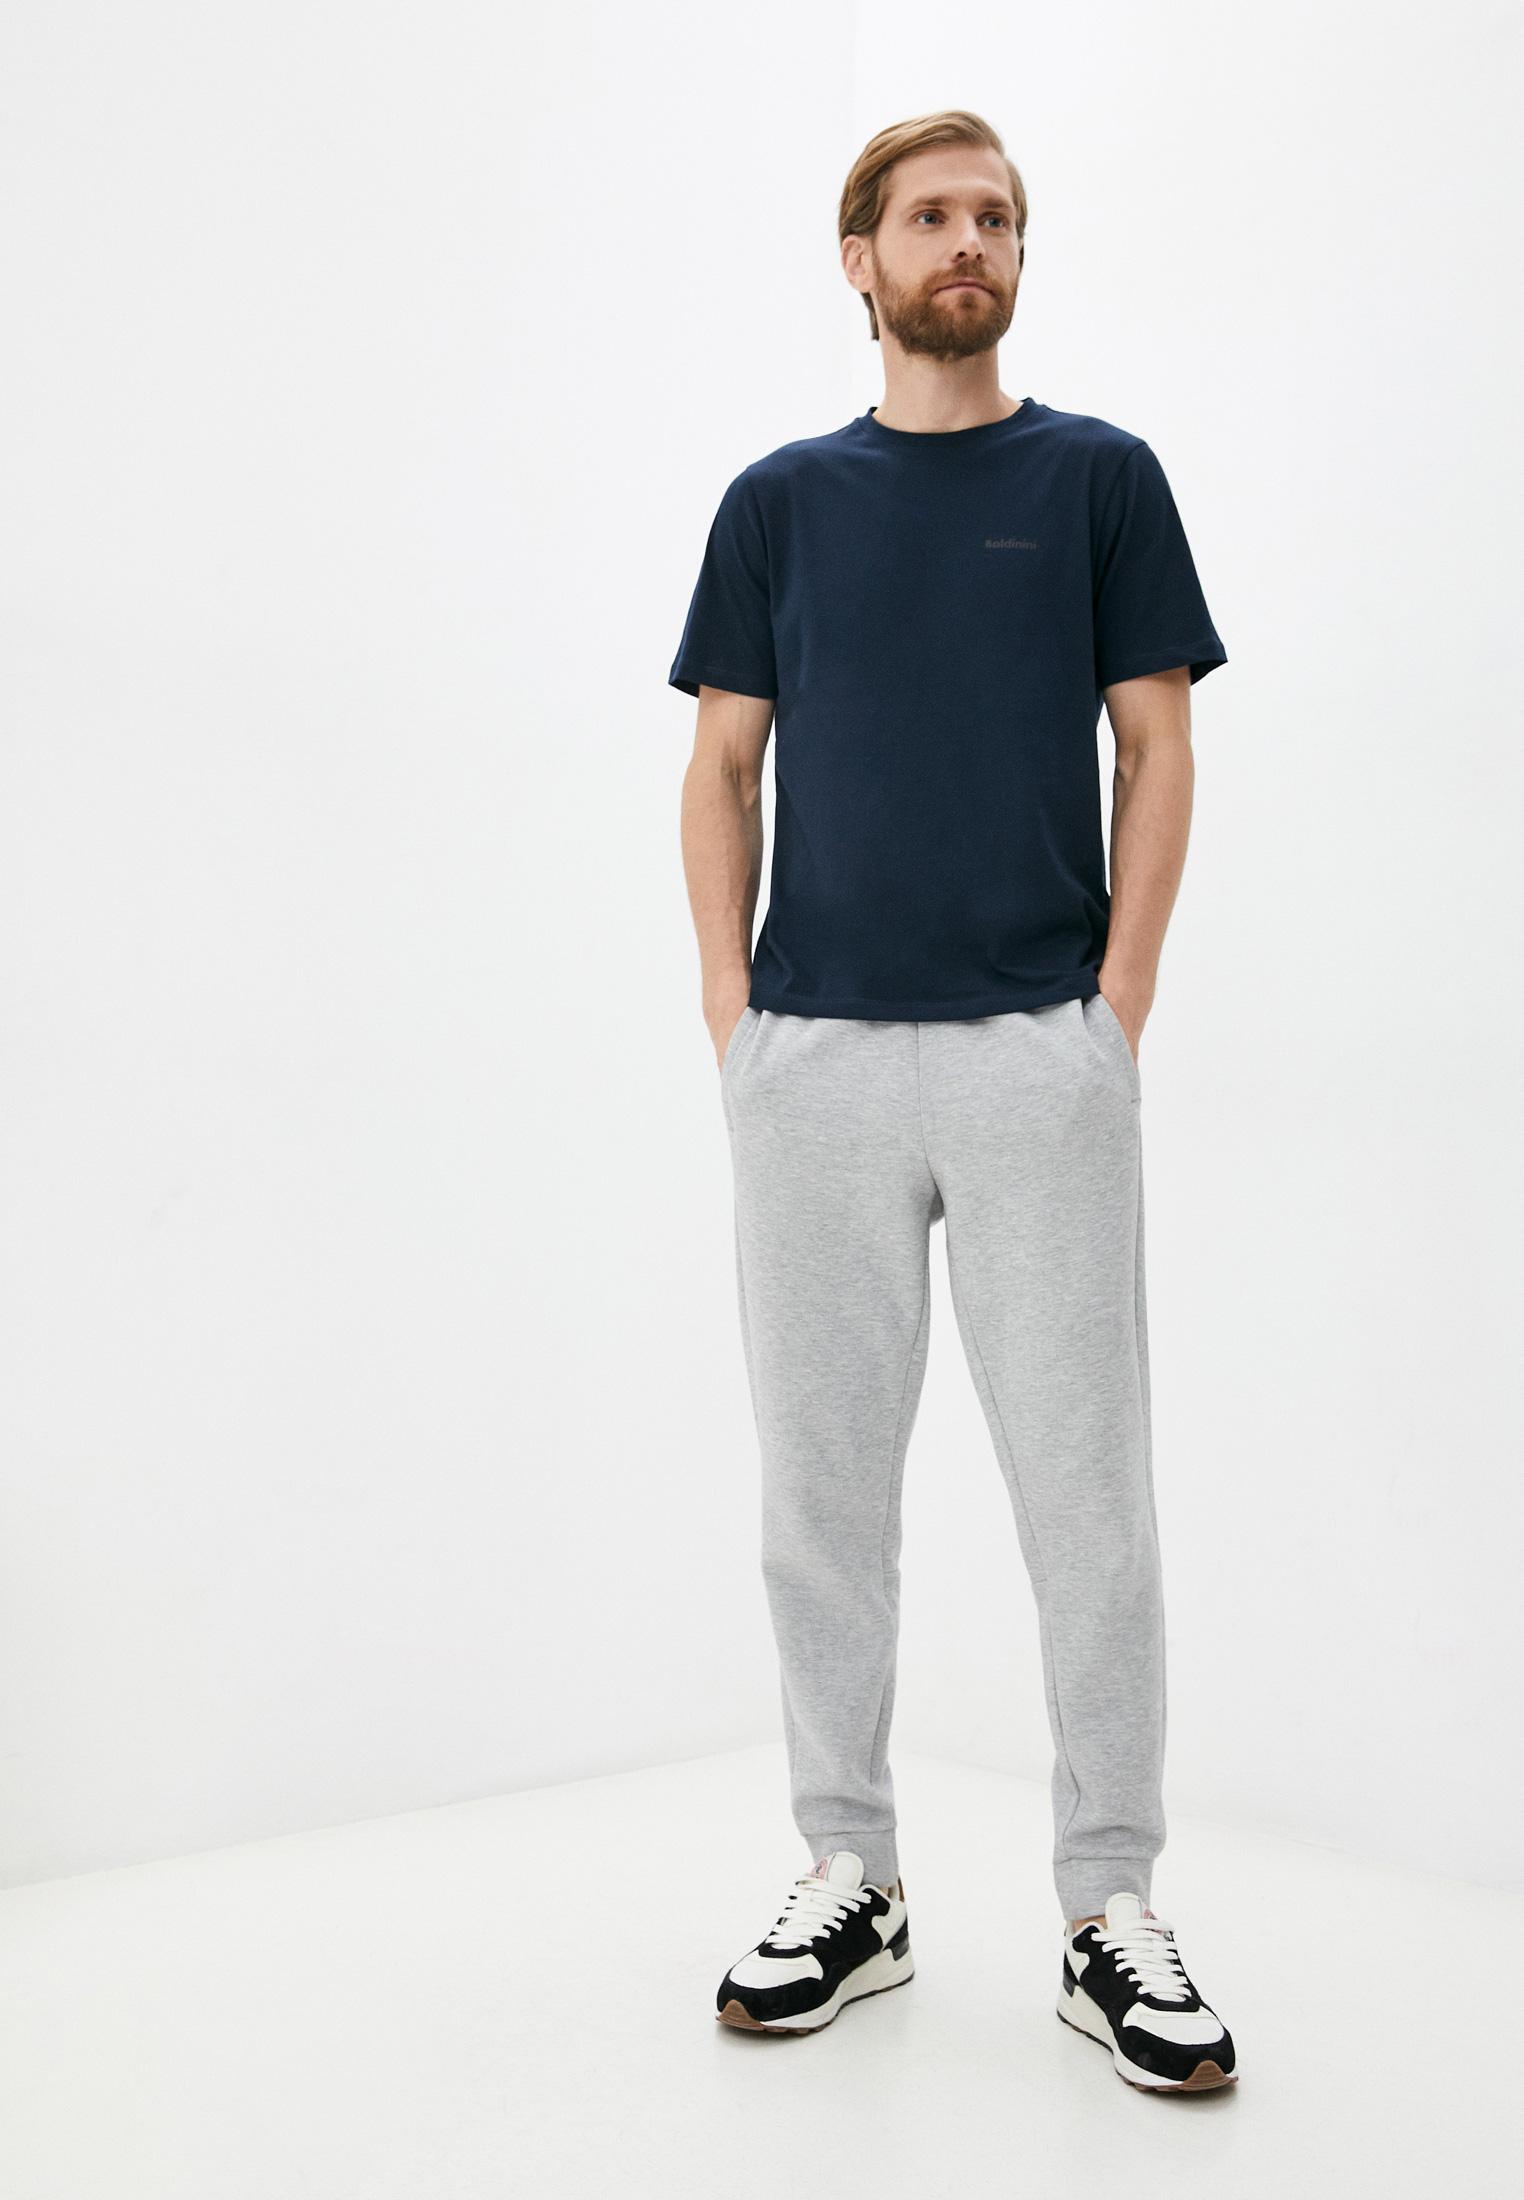 Мужская футболка Baldinini (Балдинини) TS04: изображение 3